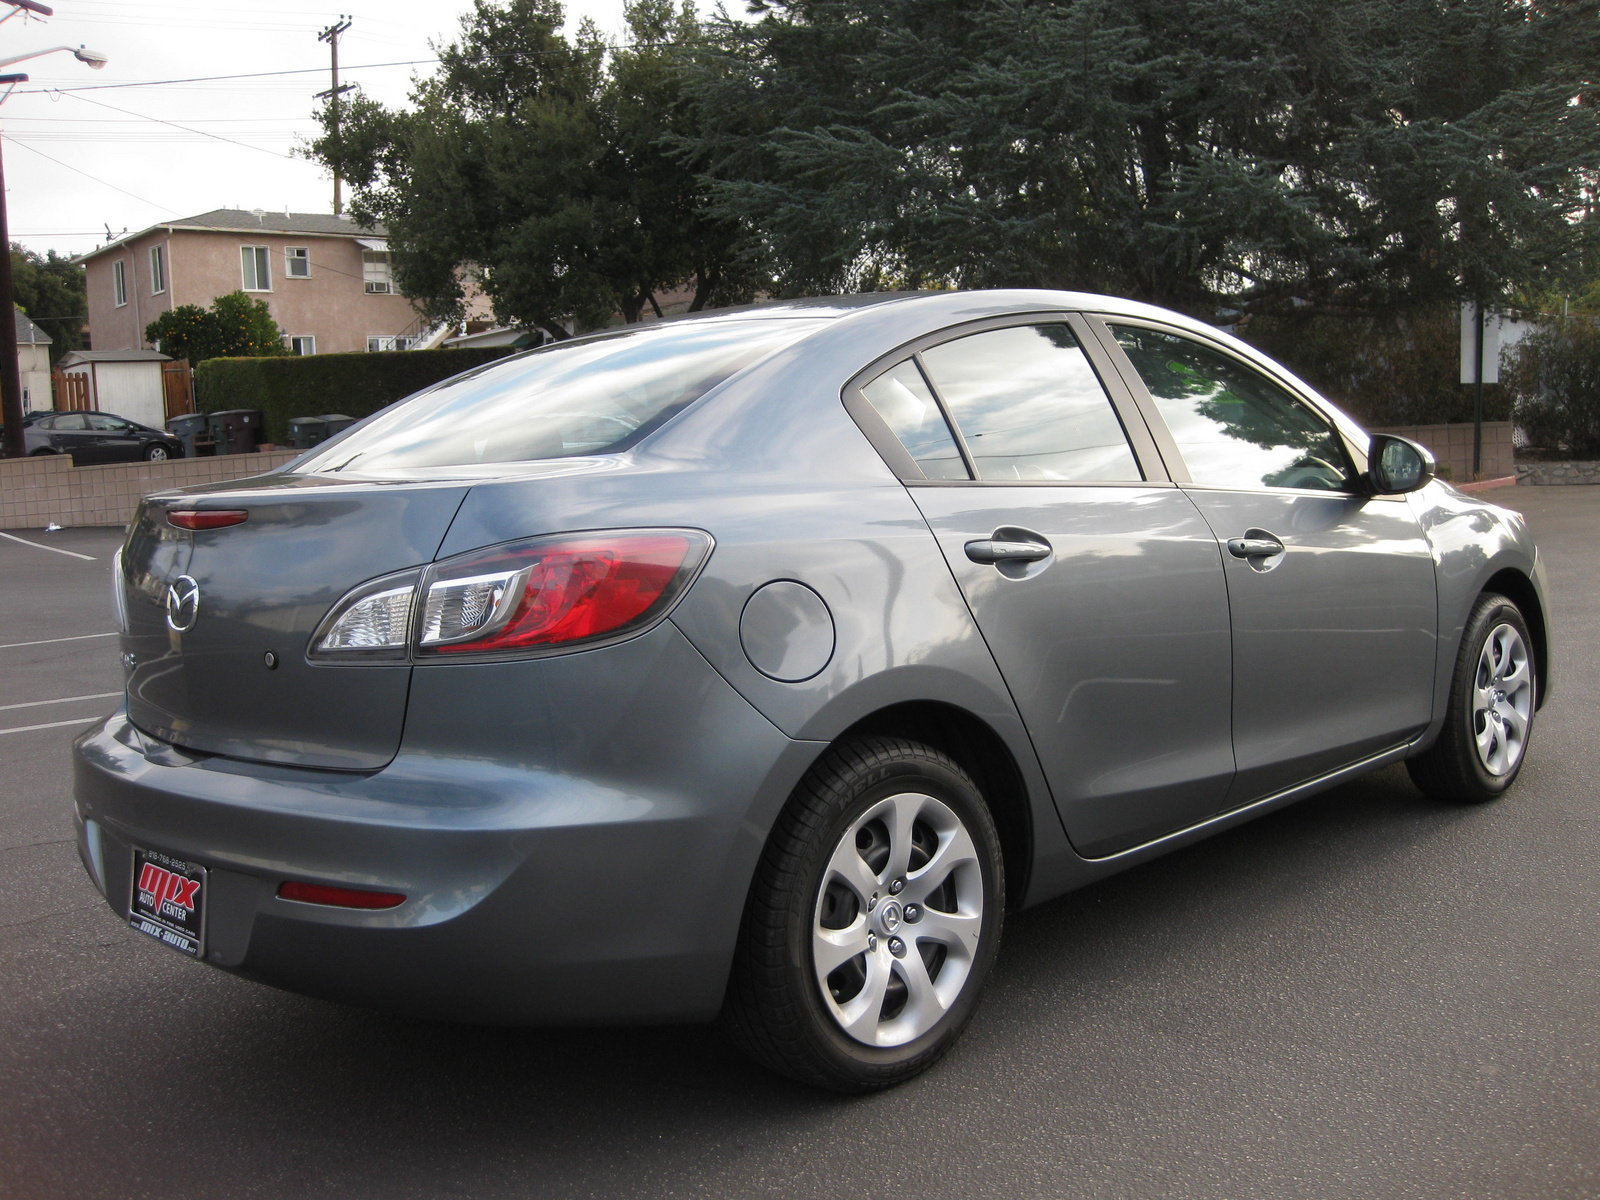 2013 Mazda Mazda3 Pictures Cargurus